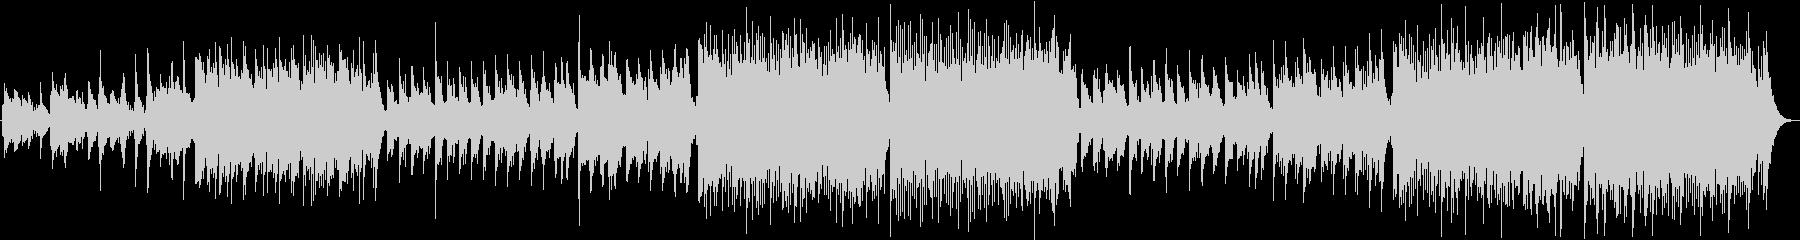 ティン・ホイッスルで幻想的なケルト音楽の未再生の波形